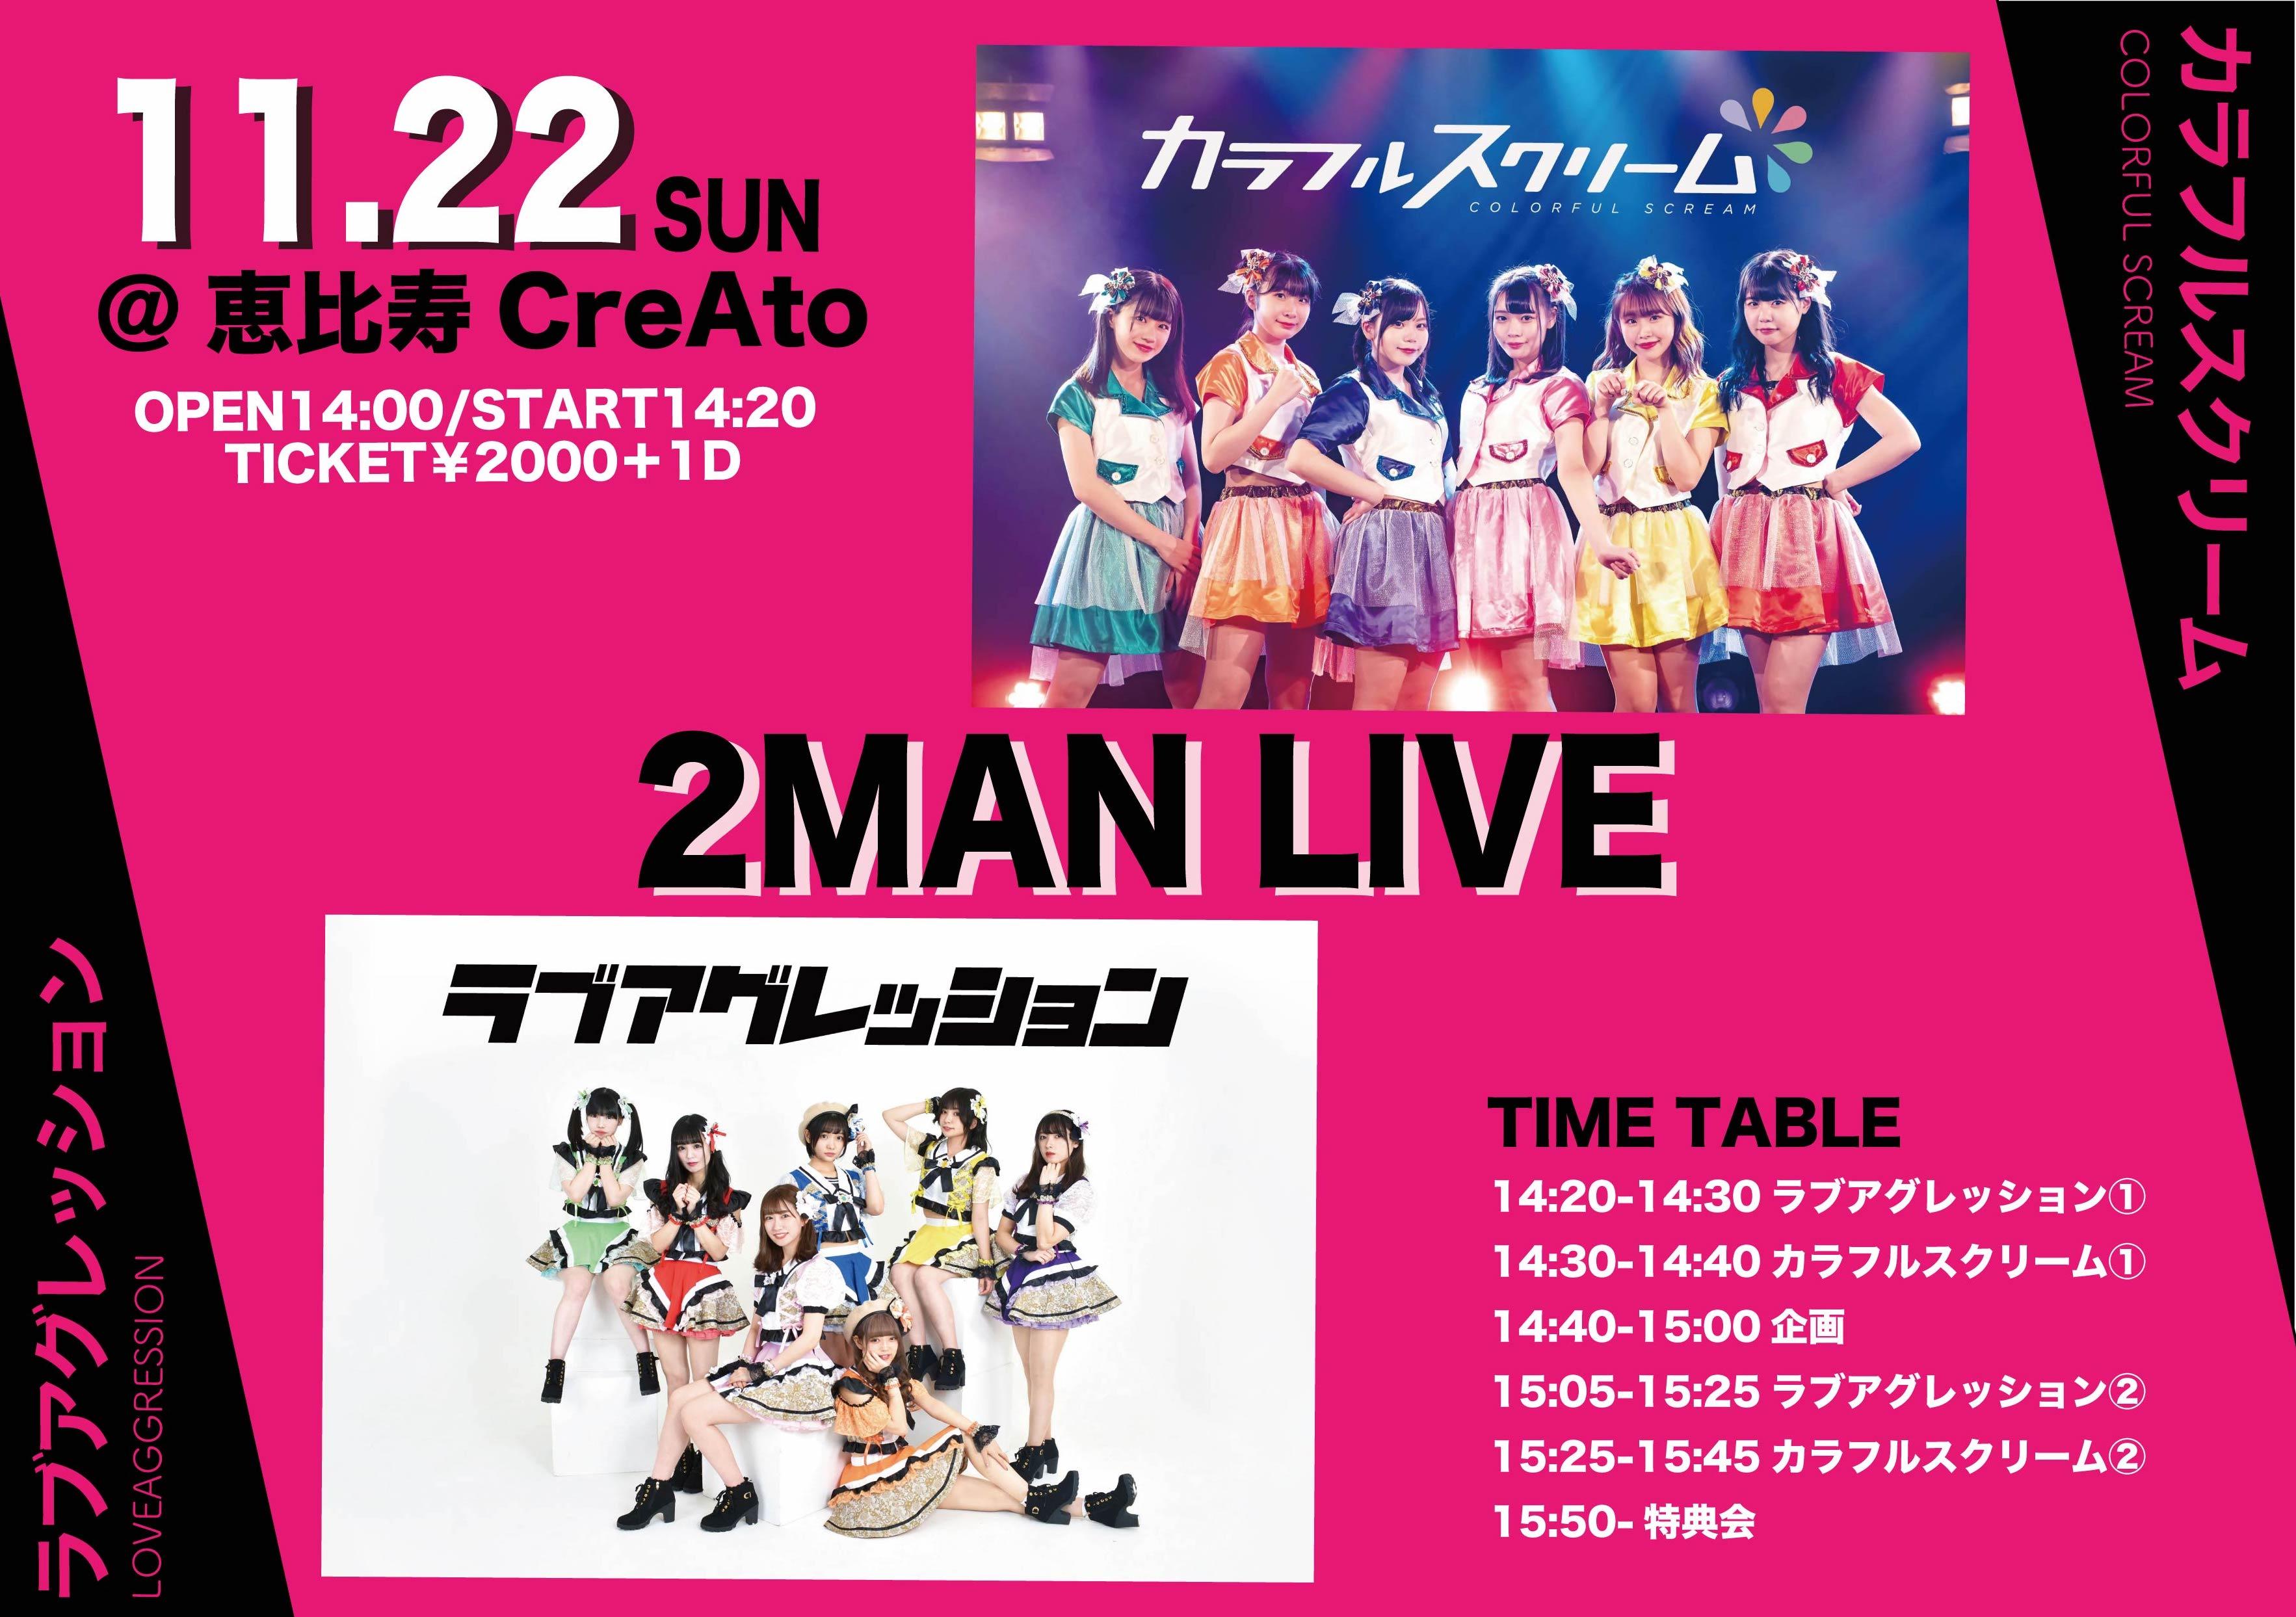 ラブアグレッション×カラフルスクリーム 2MAN LIVE